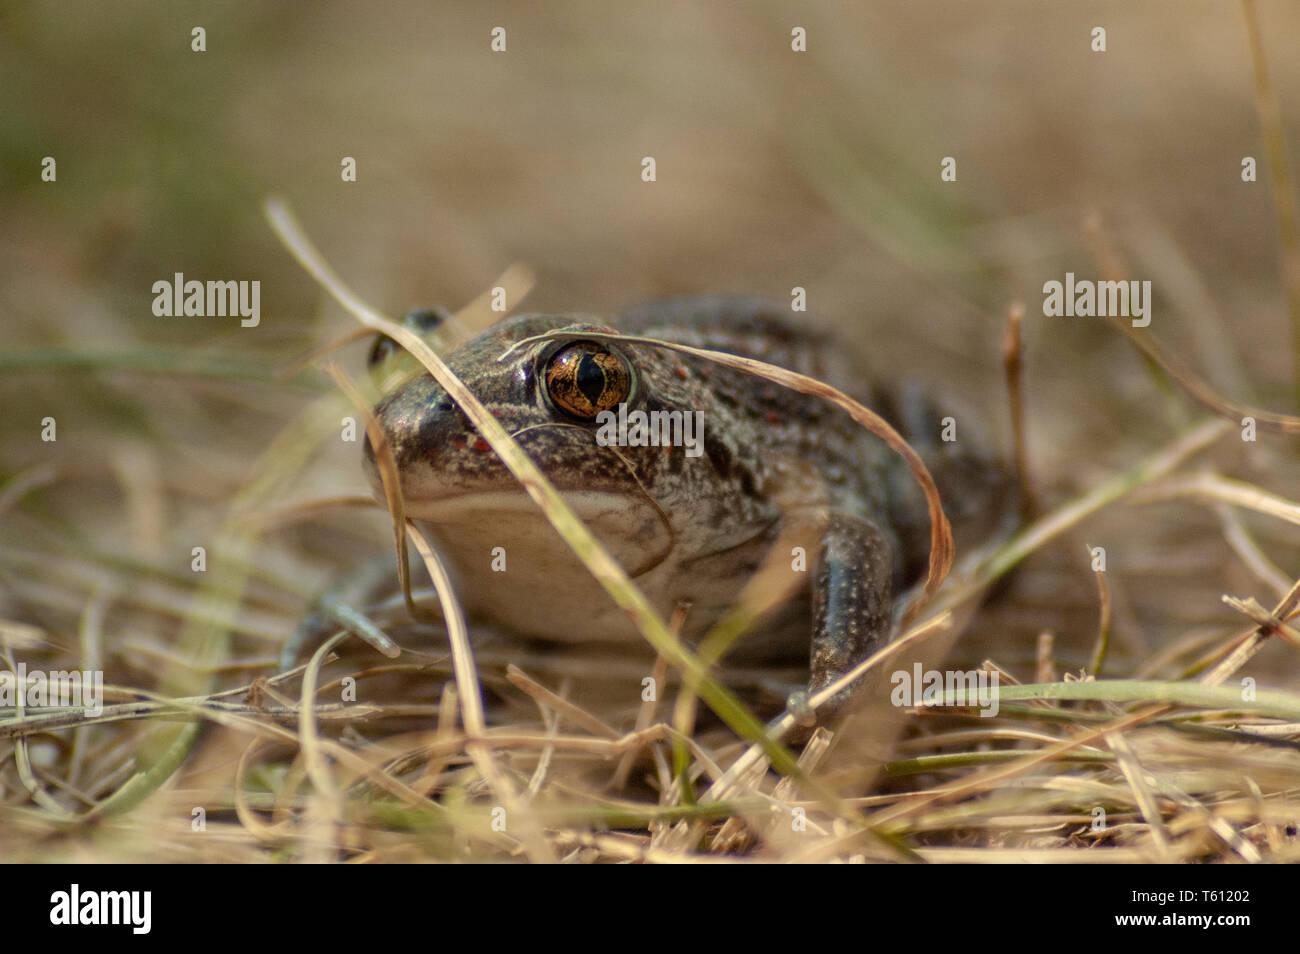 Eine kleine Knoblauch Kröte sitzt im Gras und schaut in die Kamera Stockfoto